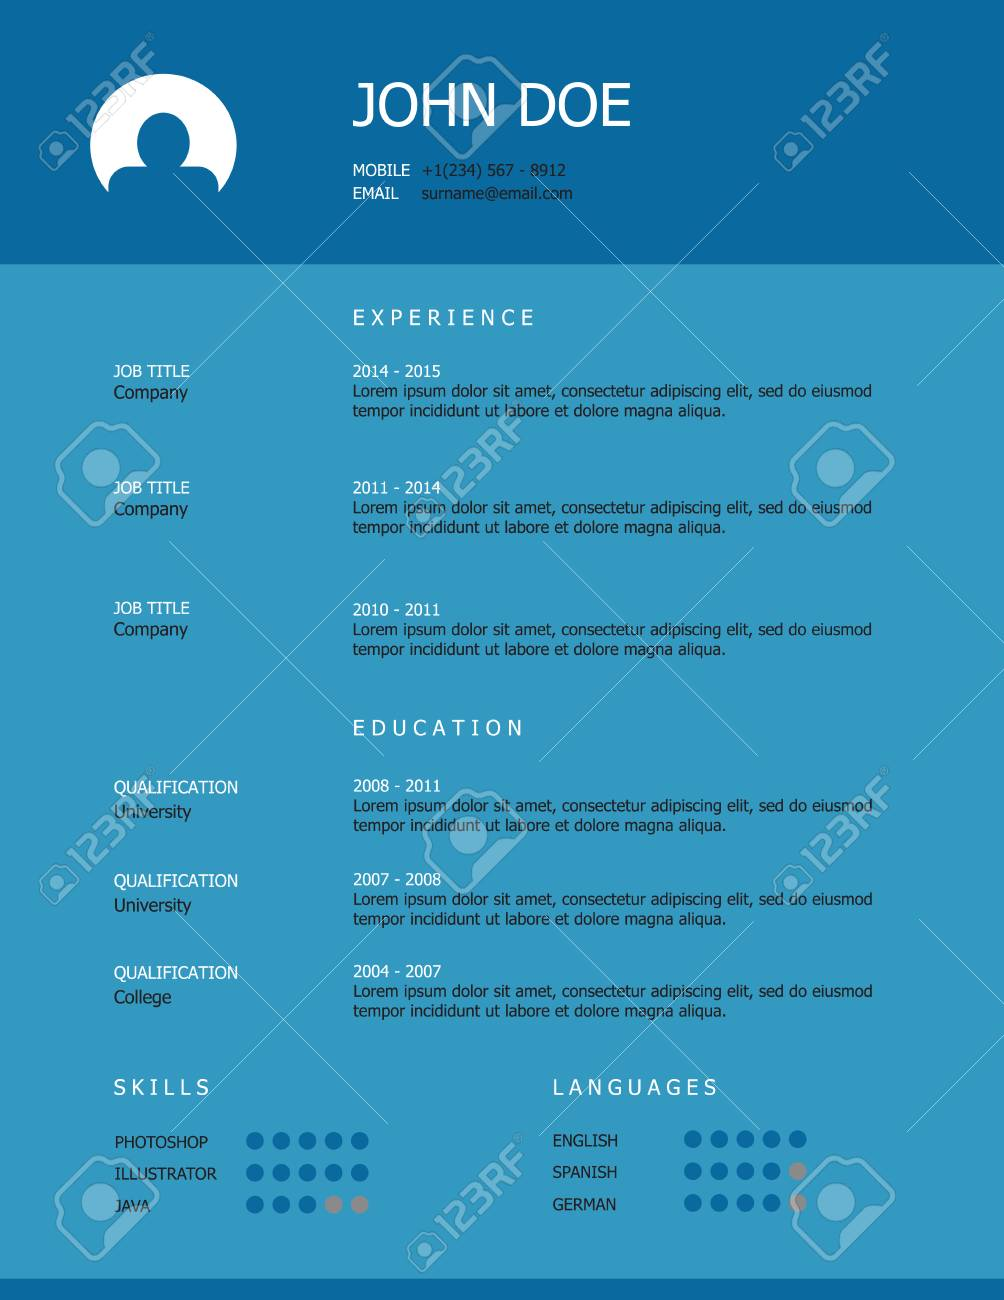 professionelle einfachen stil lebenslauf template design mit blauen berschrift auf trkisfarbenen hintergrund standard - Lebenslauf Uberschrift